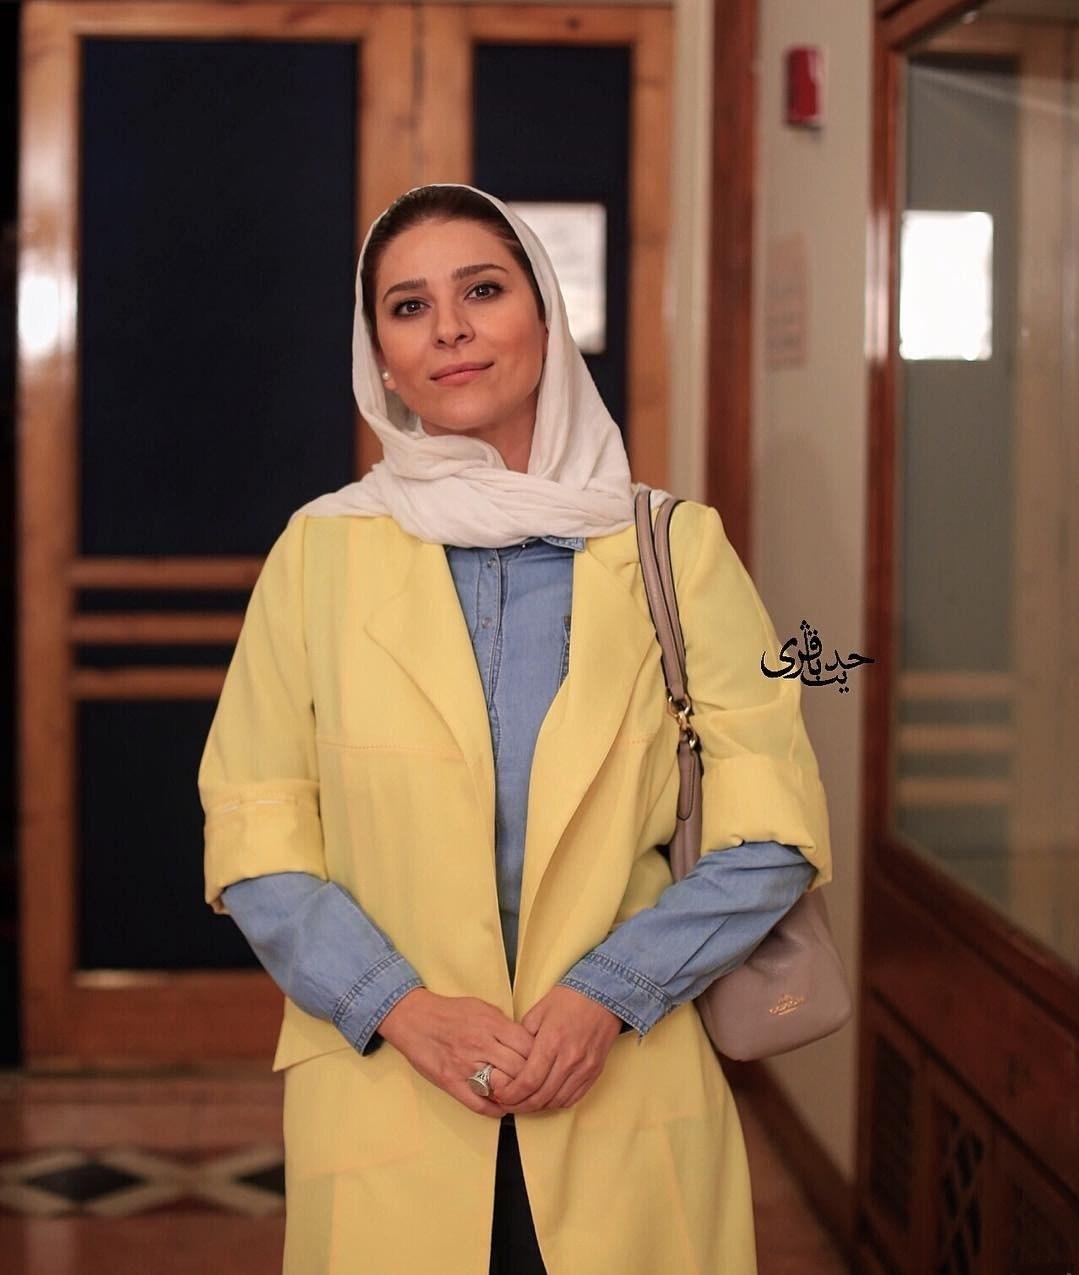 عکس جذاب سحر دولتشاهی